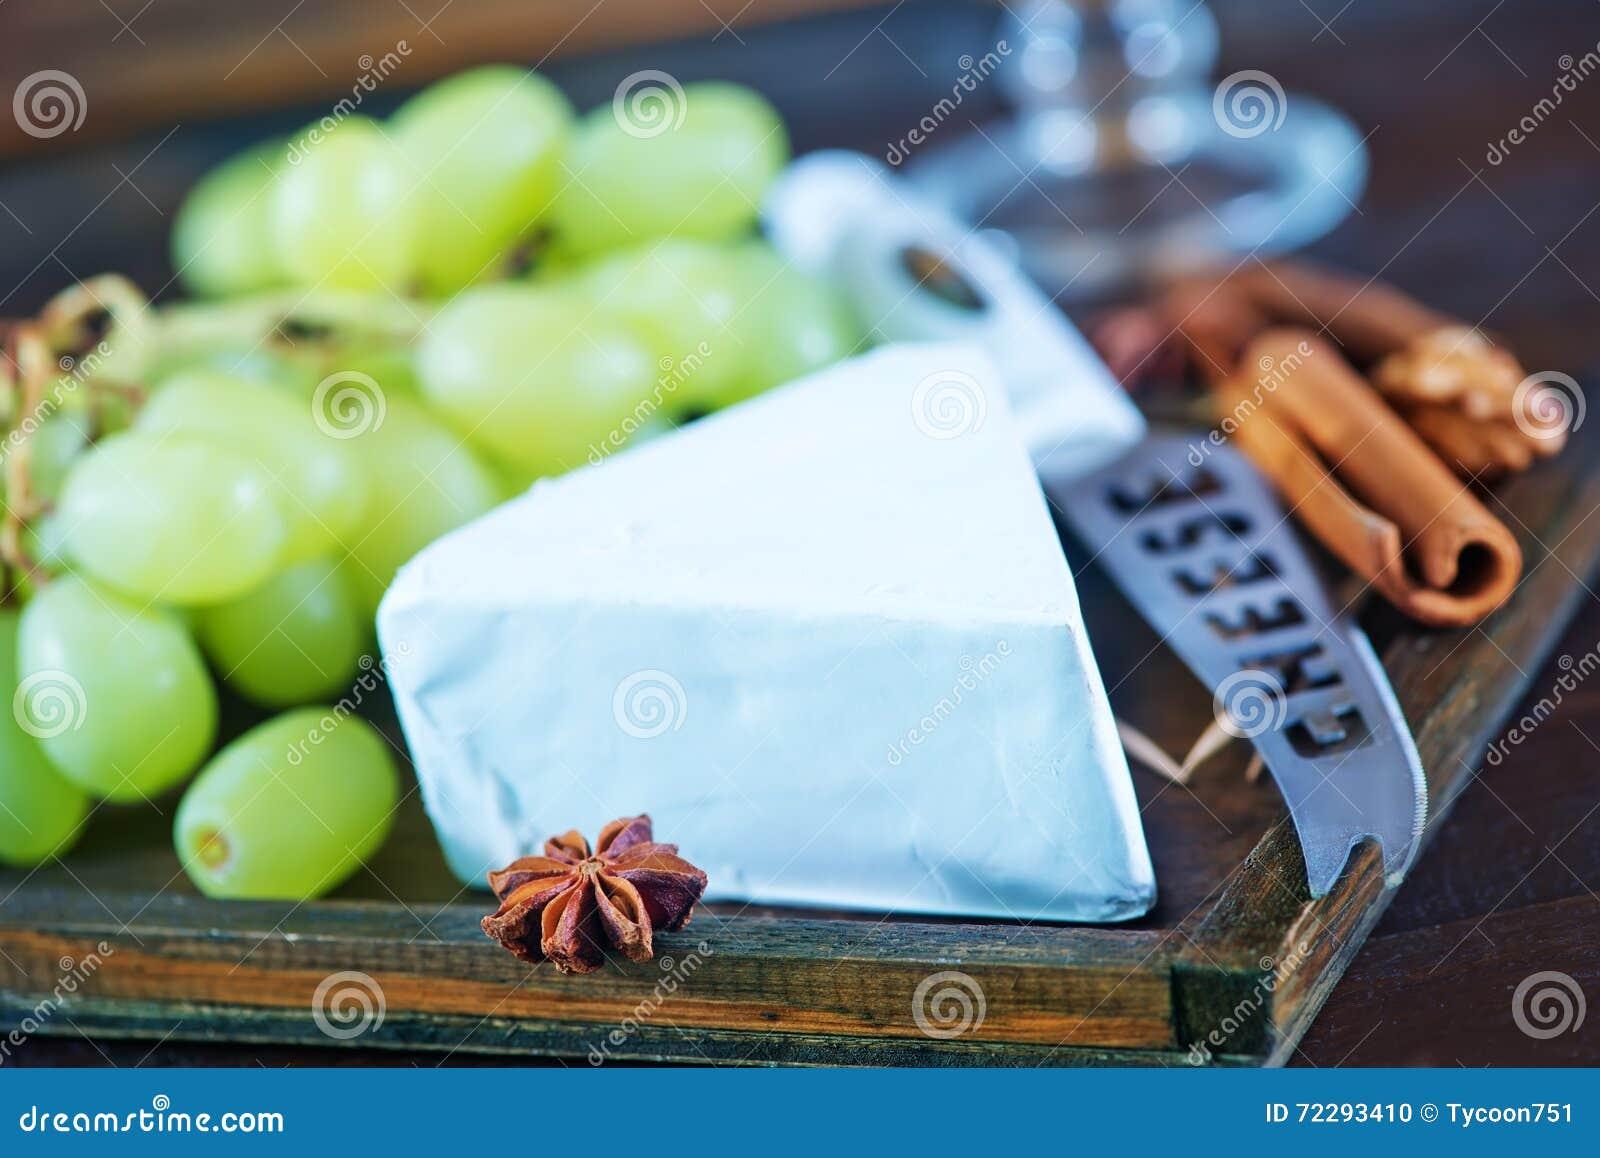 Download Сыр с виноградиной стоковое фото. изображение насчитывающей старо - 72293410